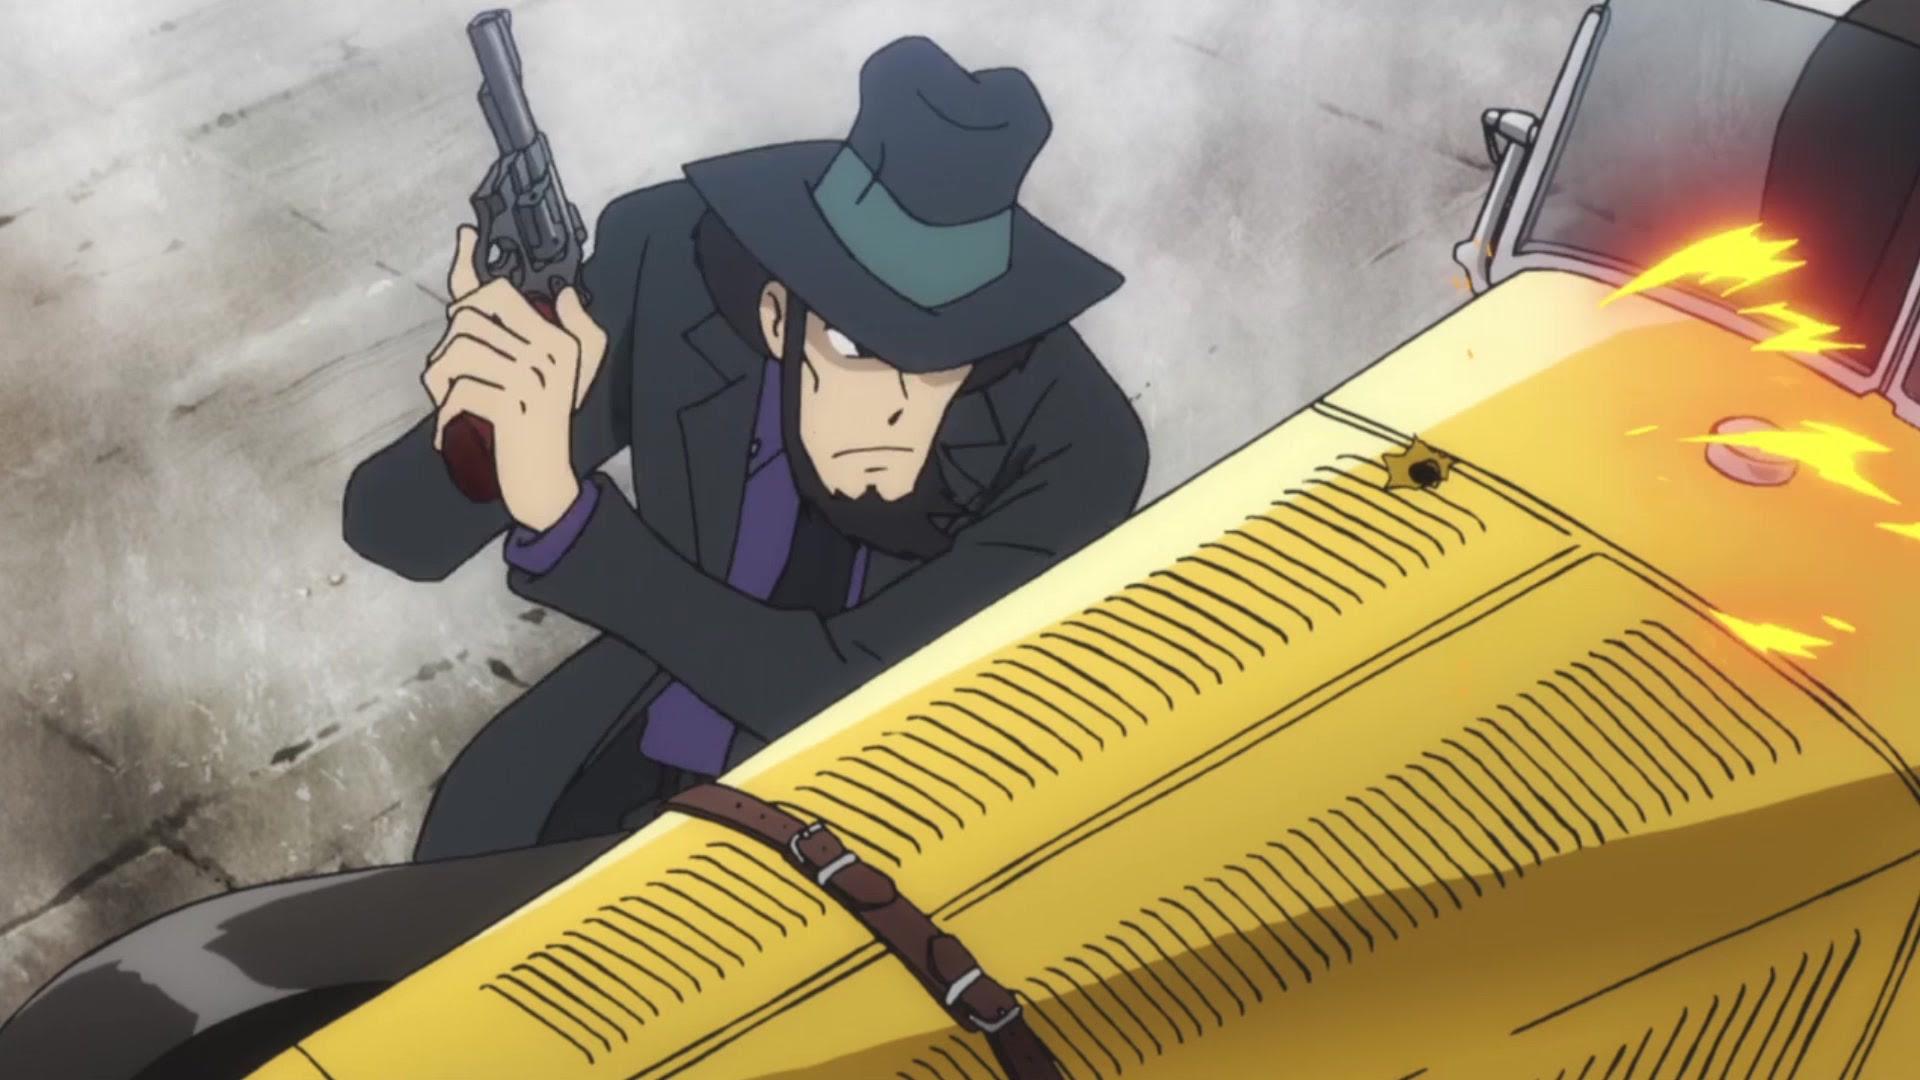 鲁邦三世 名副其实的真 Gun神 次元大介 哔哩哔哩 つロ干杯